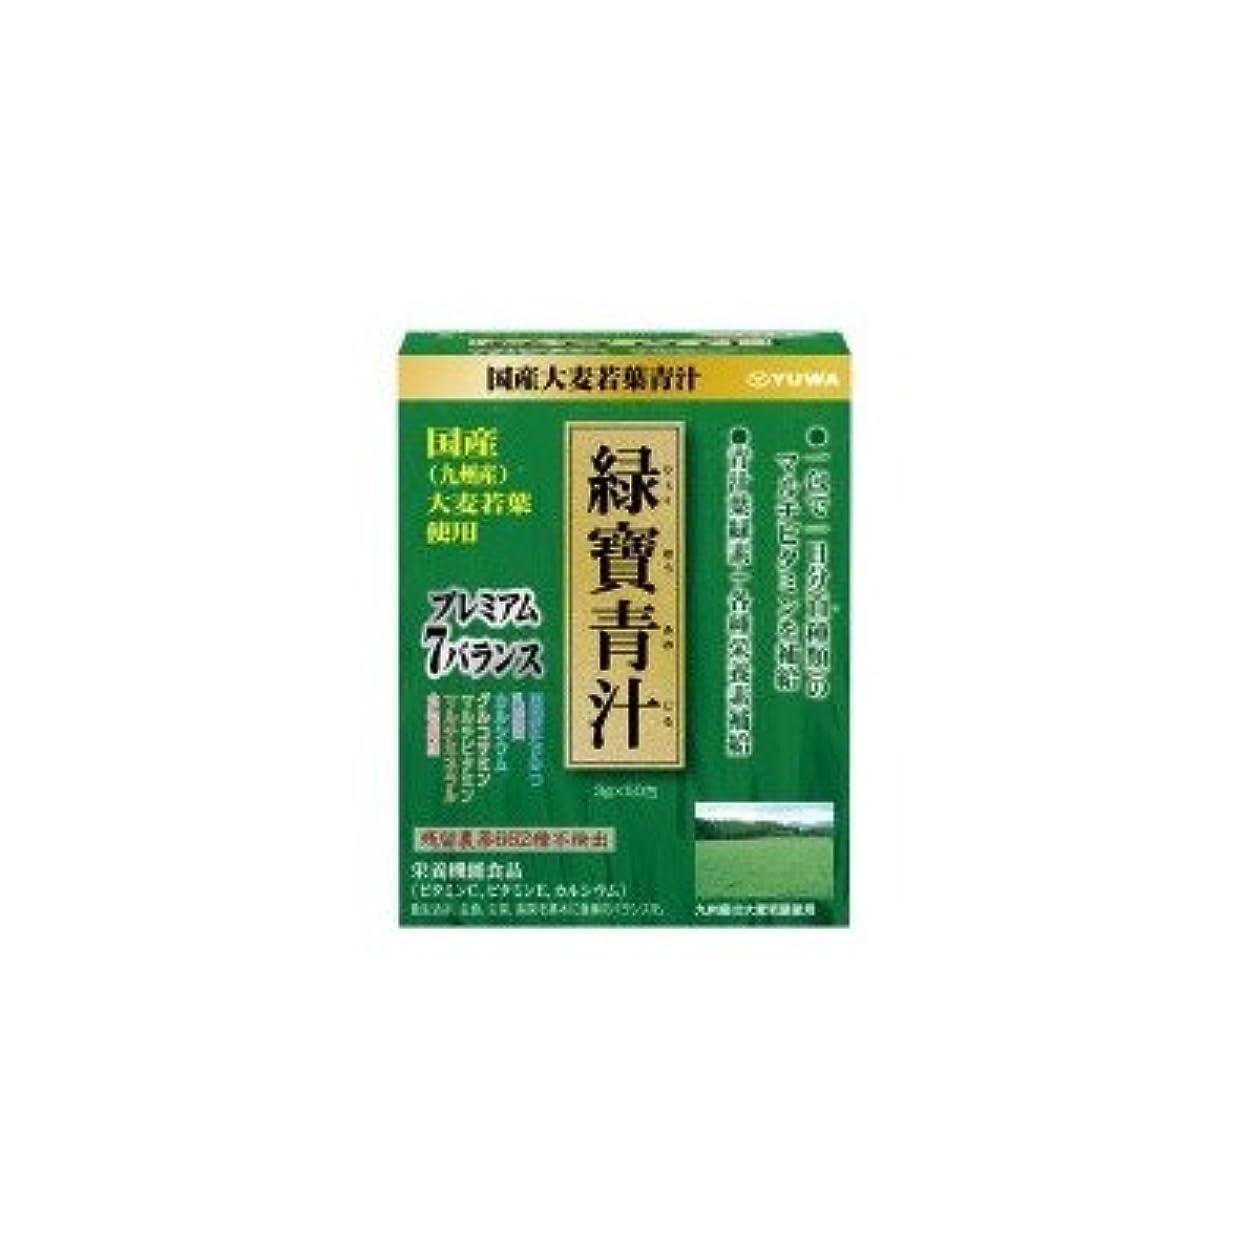 商業の拍車ハッピーユーワ 九州産大麦若葉使用 緑寶青汁 150g(3g×50包) 2865